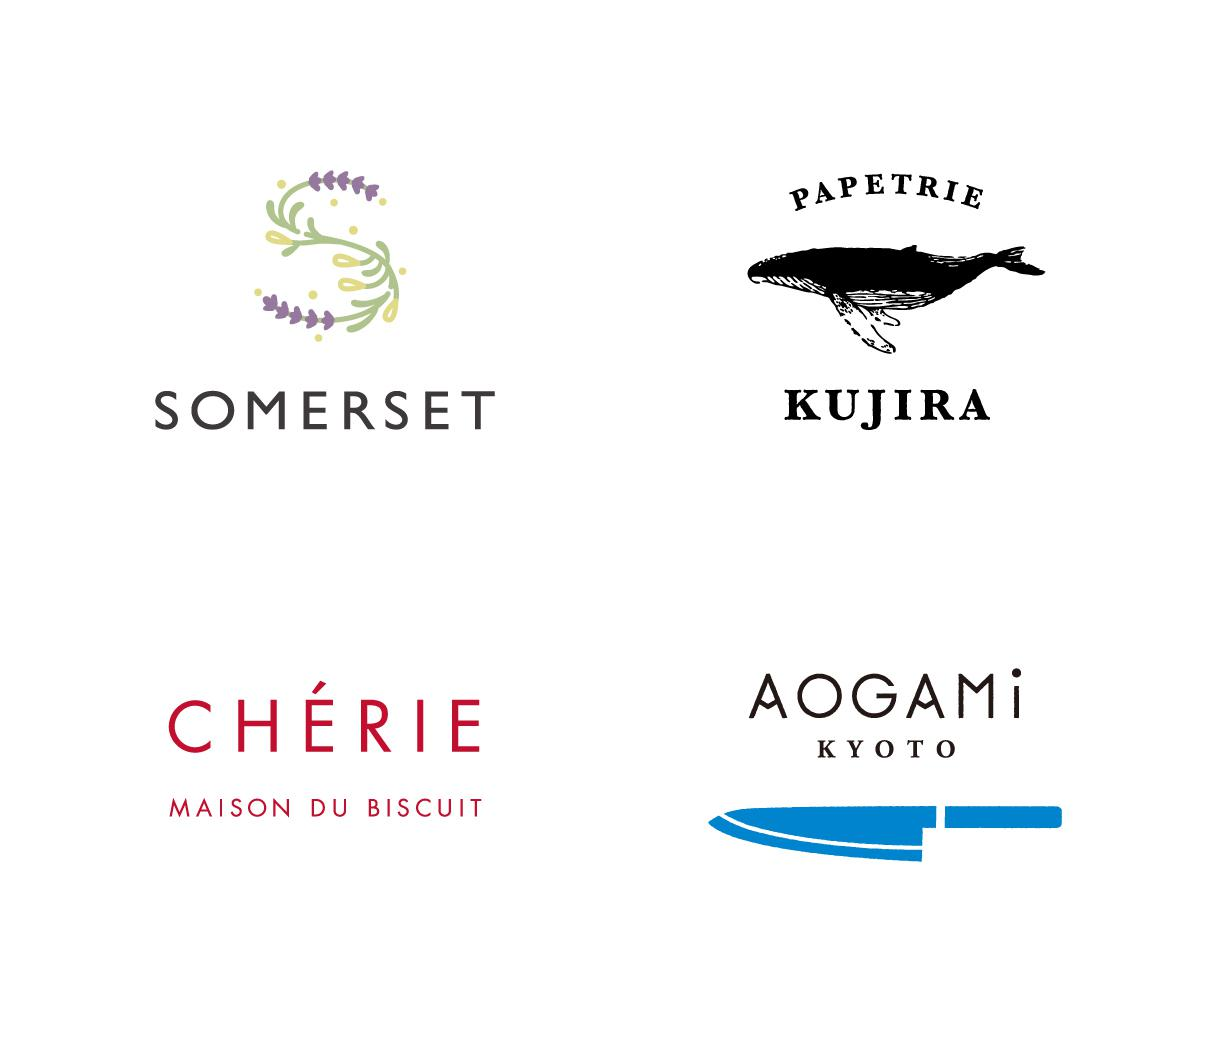 限定価格 シンプル & 可愛い ロゴを作ります デザイン書籍に掲載多数の女性デザイナーが制作いたします イメージ1